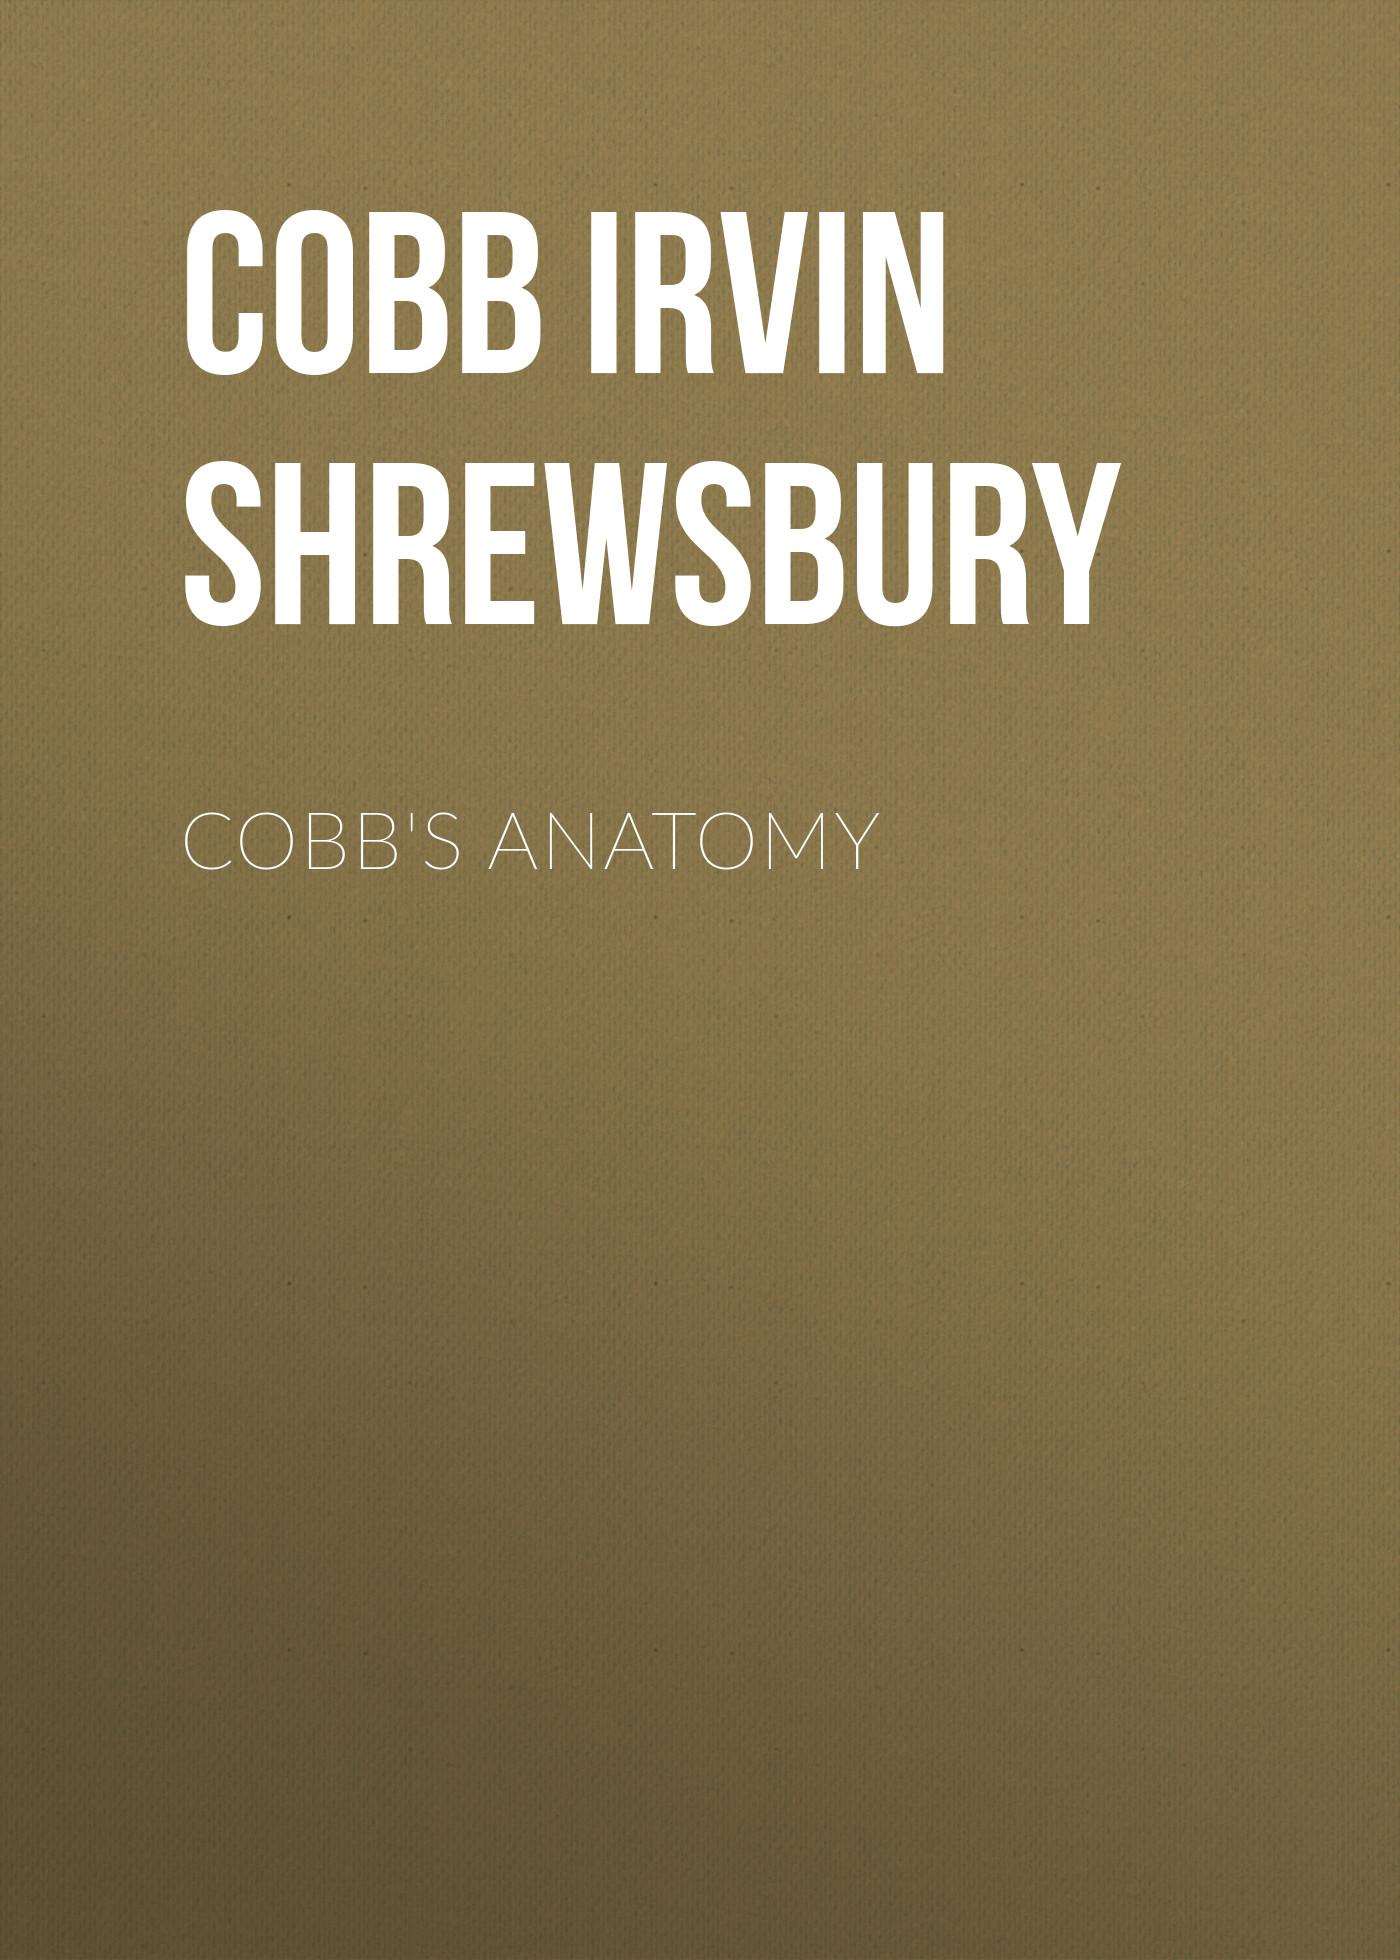 купить Cobb Irvin Shrewsbury Cobb's Anatomy по цене 0 рублей